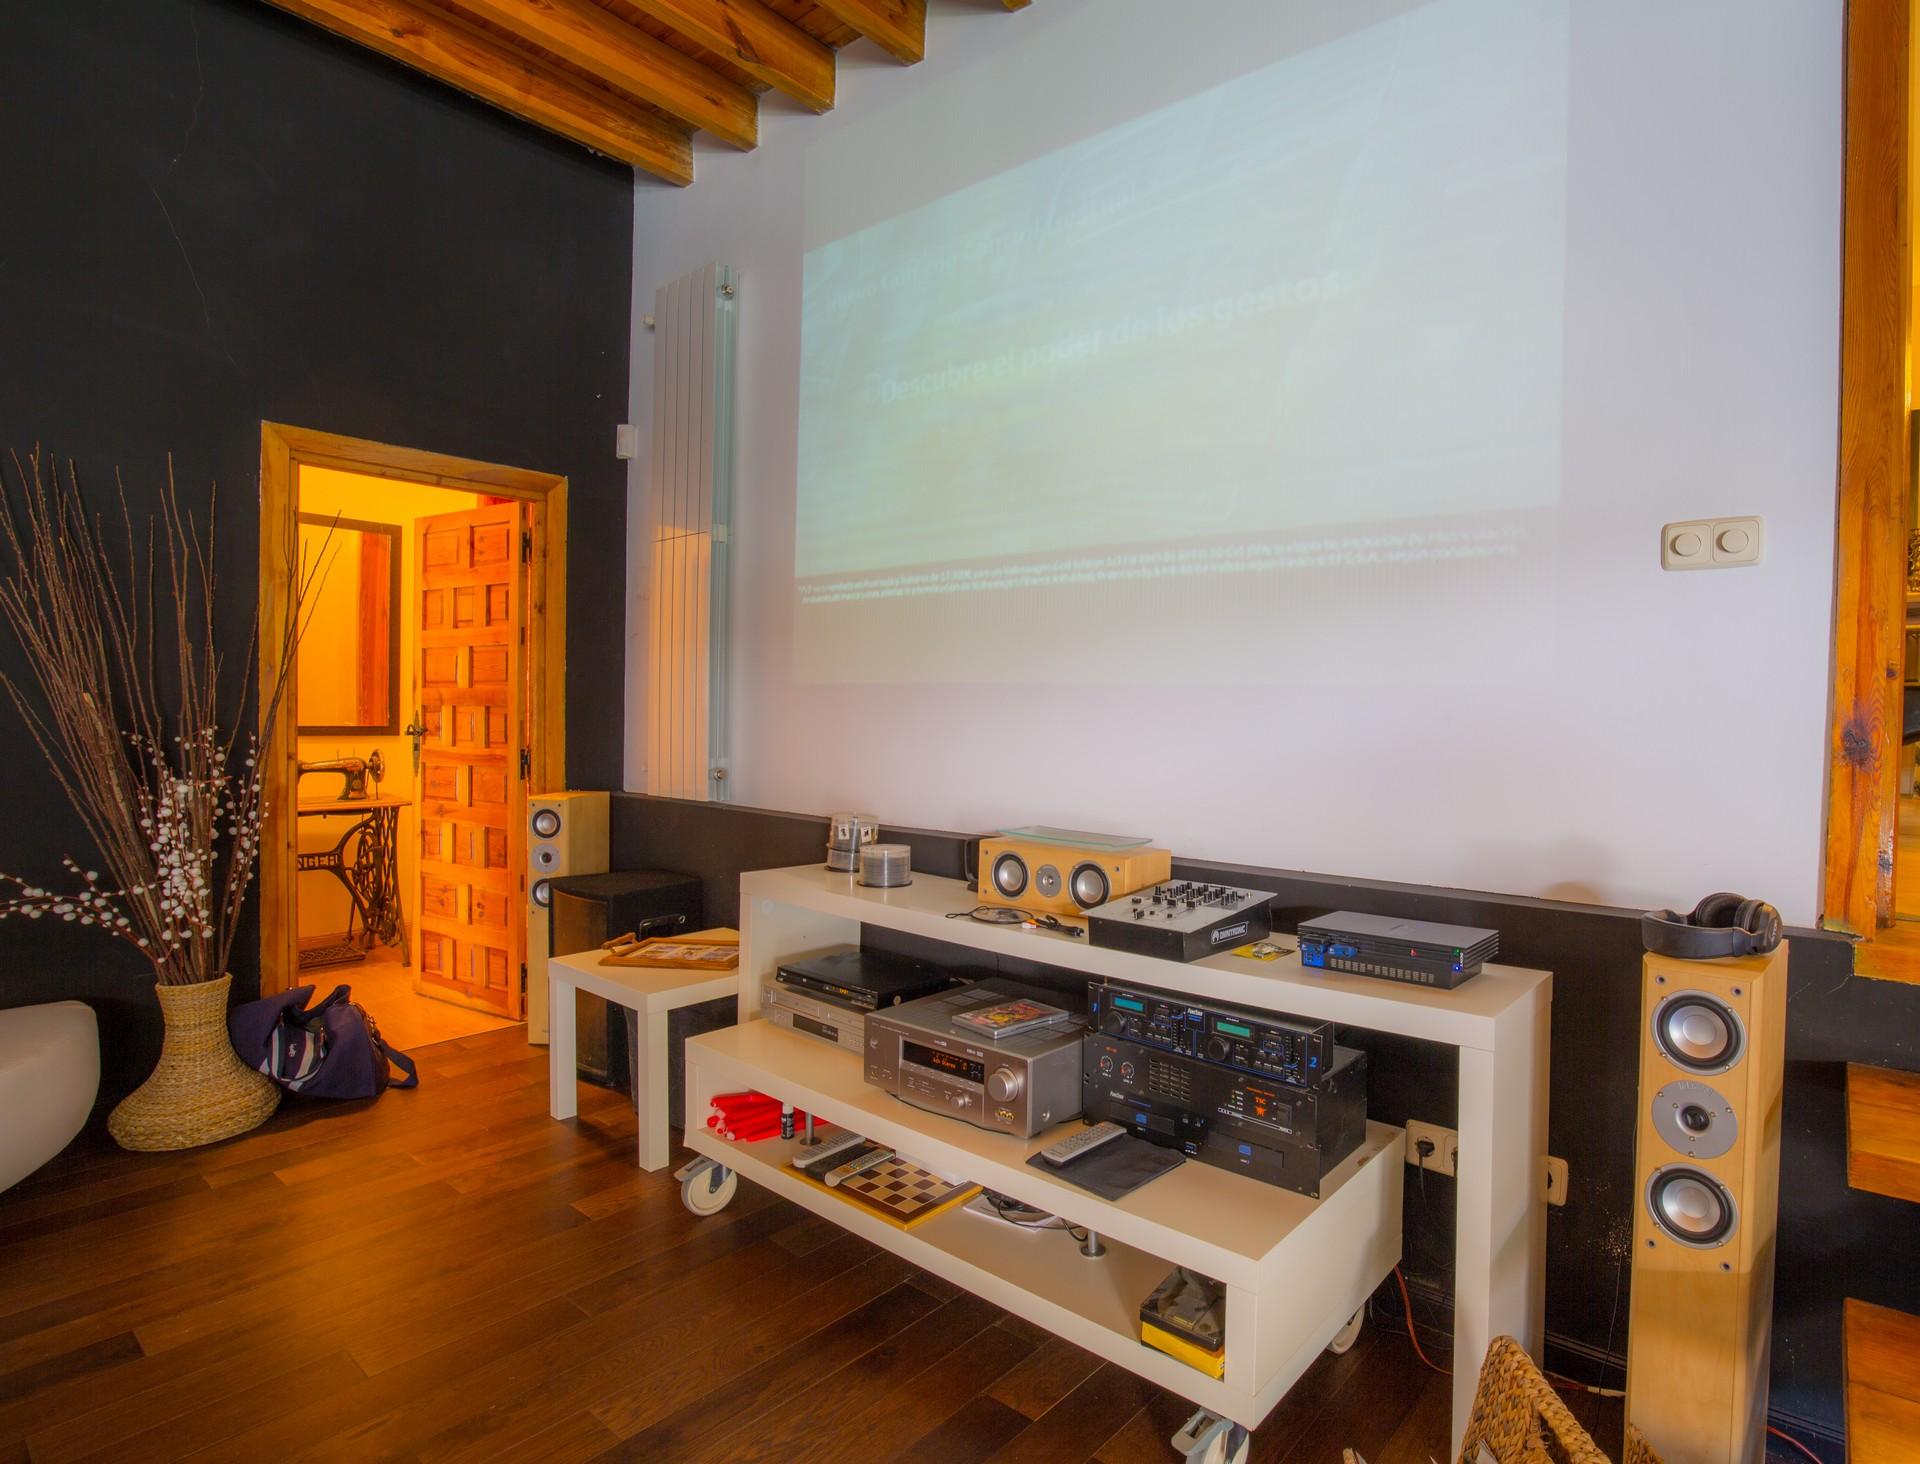 Pantallas cine en casa beautiful cinco pelculas para - Montar un cine en casa ...